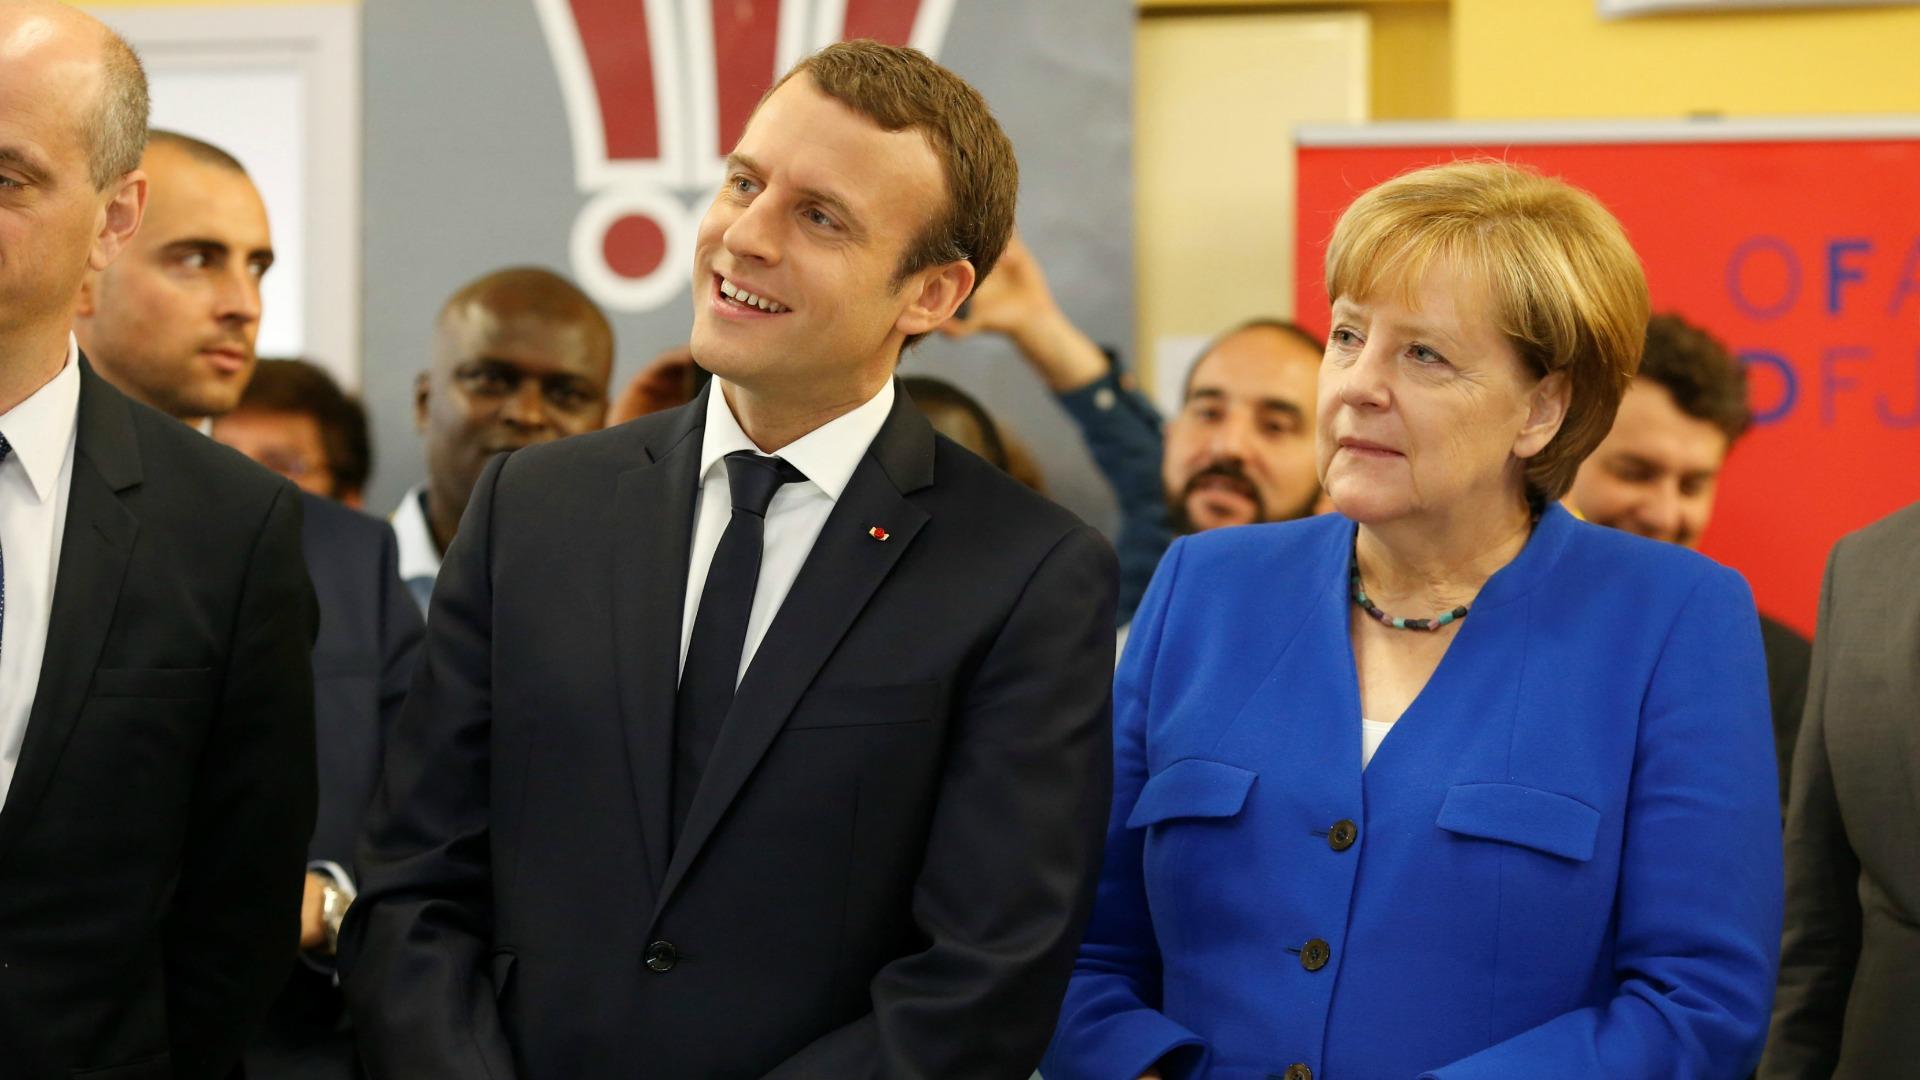 Macron y Merkel comentan sobre las elecciones en Italia